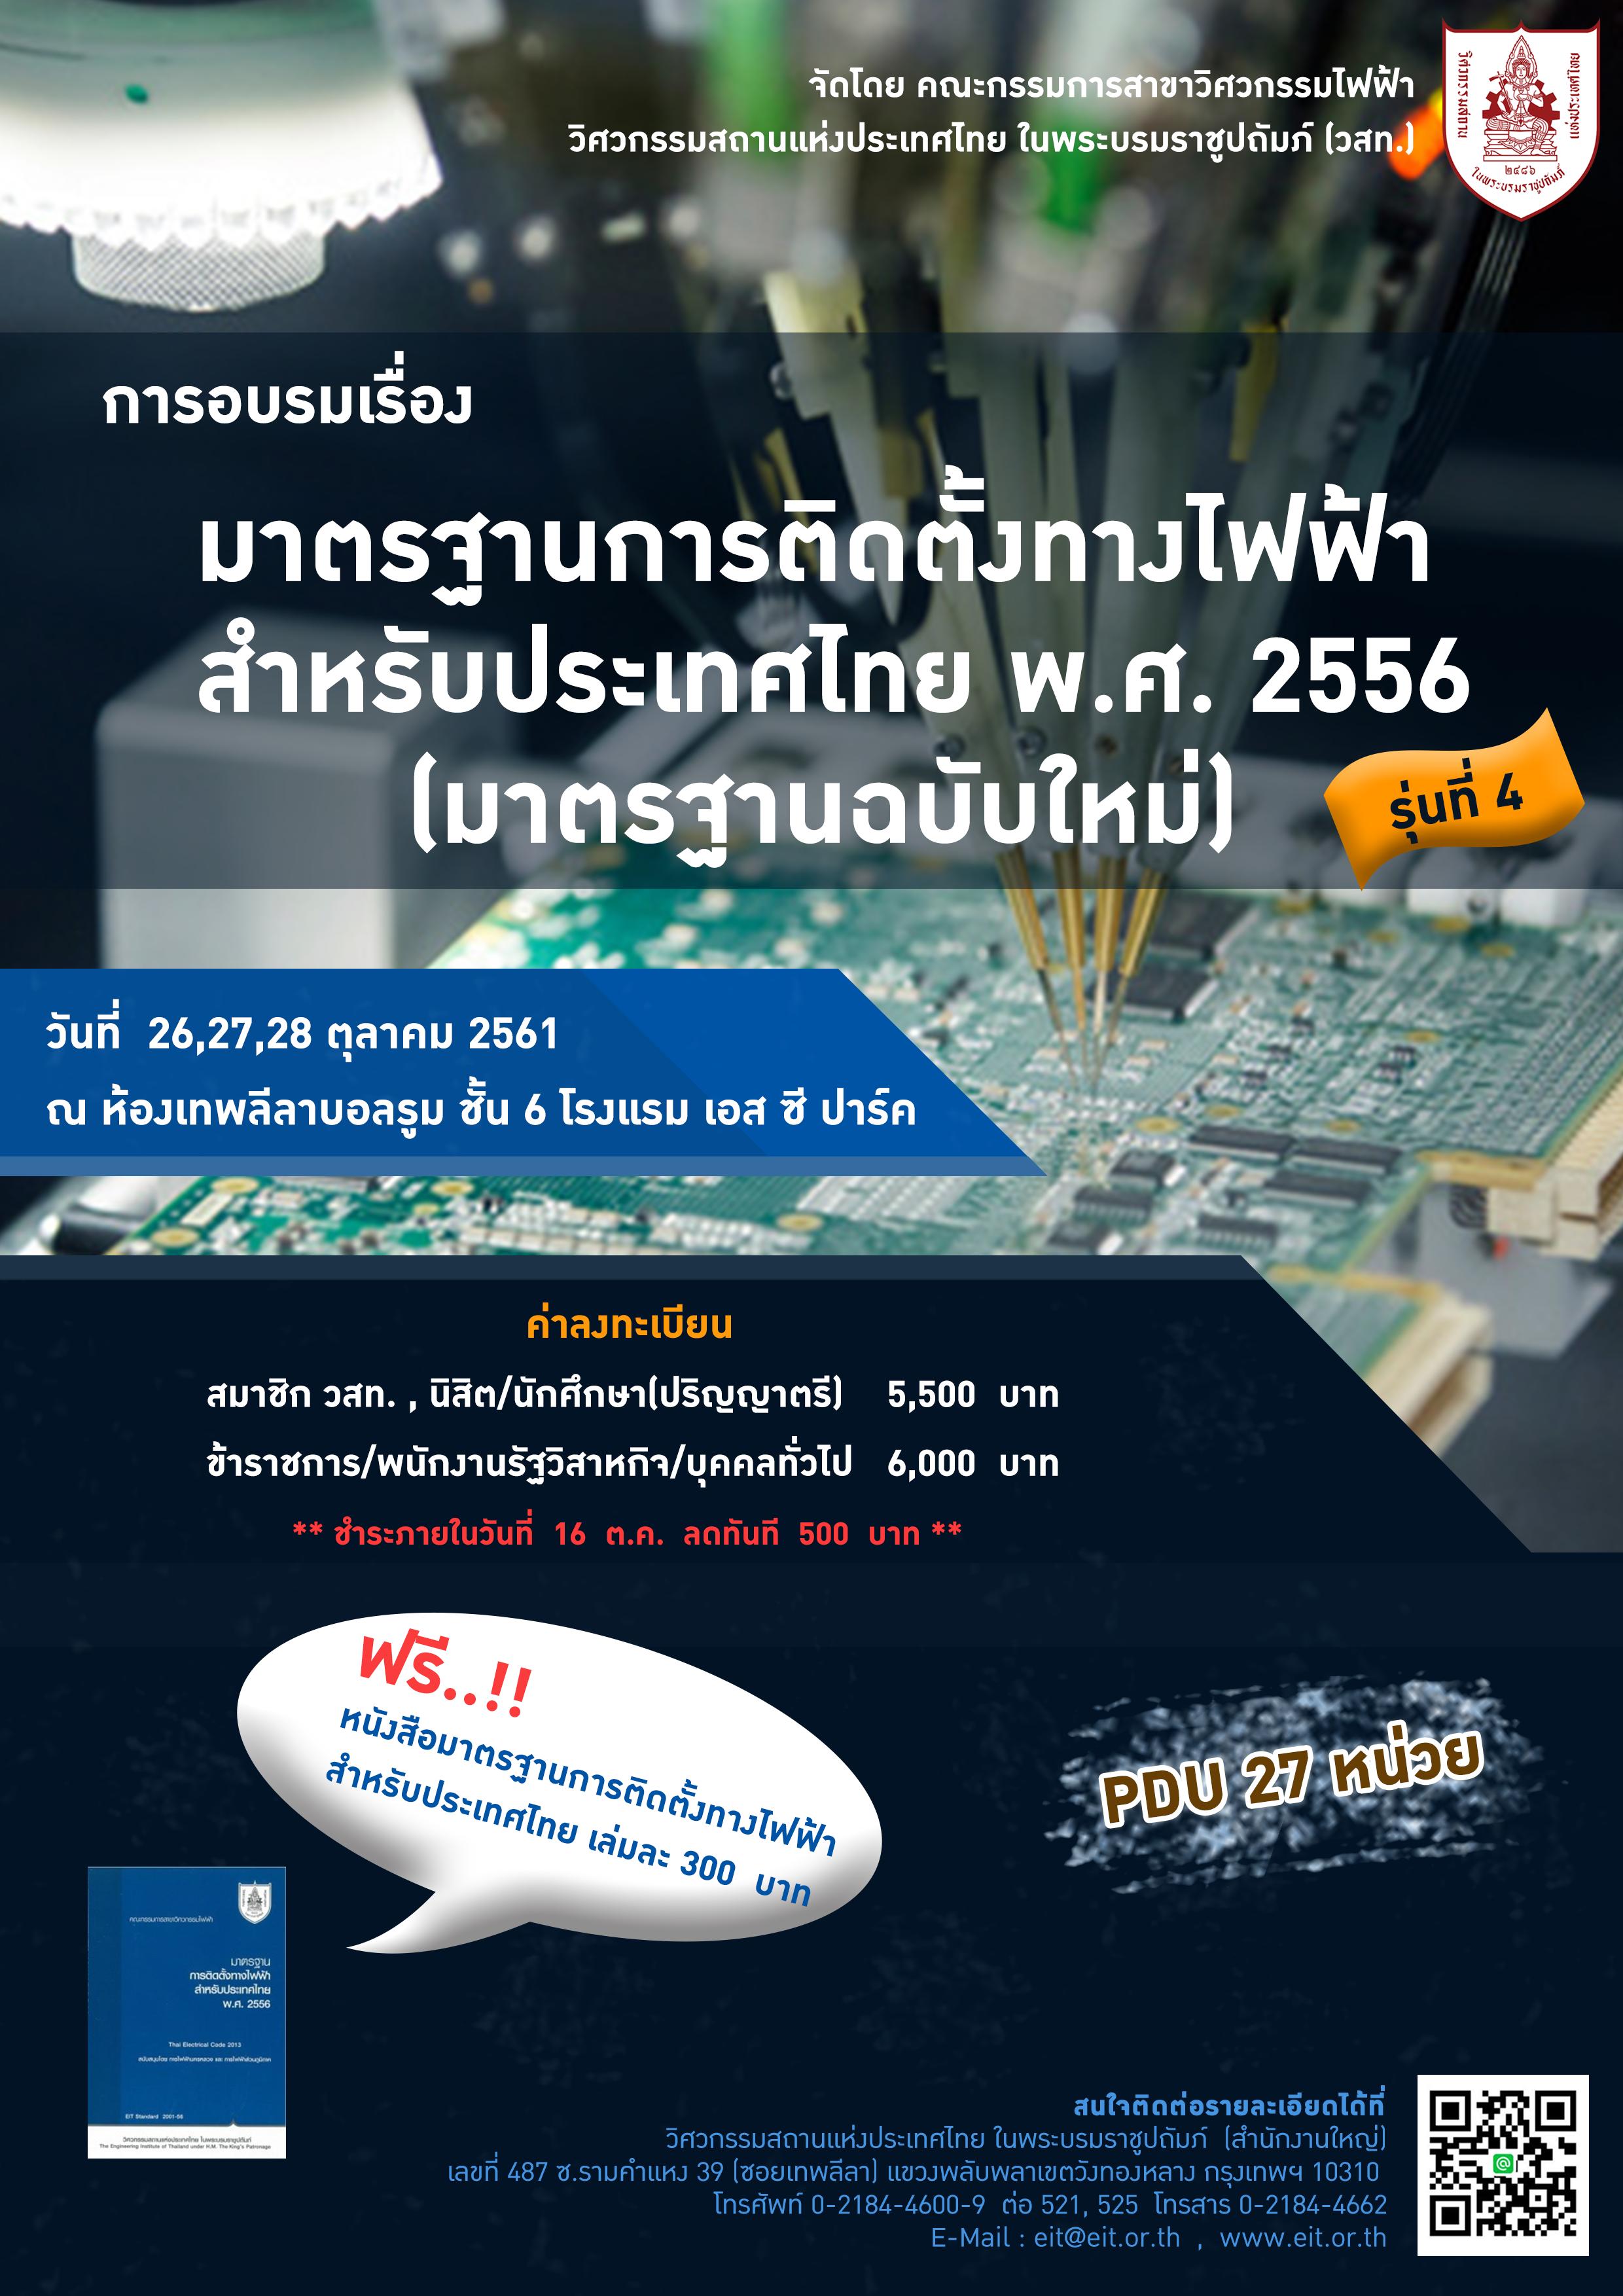 การอบรมเรื่อง มาตรฐานการติดตั้งทางไฟฟ้าสำหรับประเทศไทย (มาตรฐานฉบับใหม่) รุ่นที่ 4